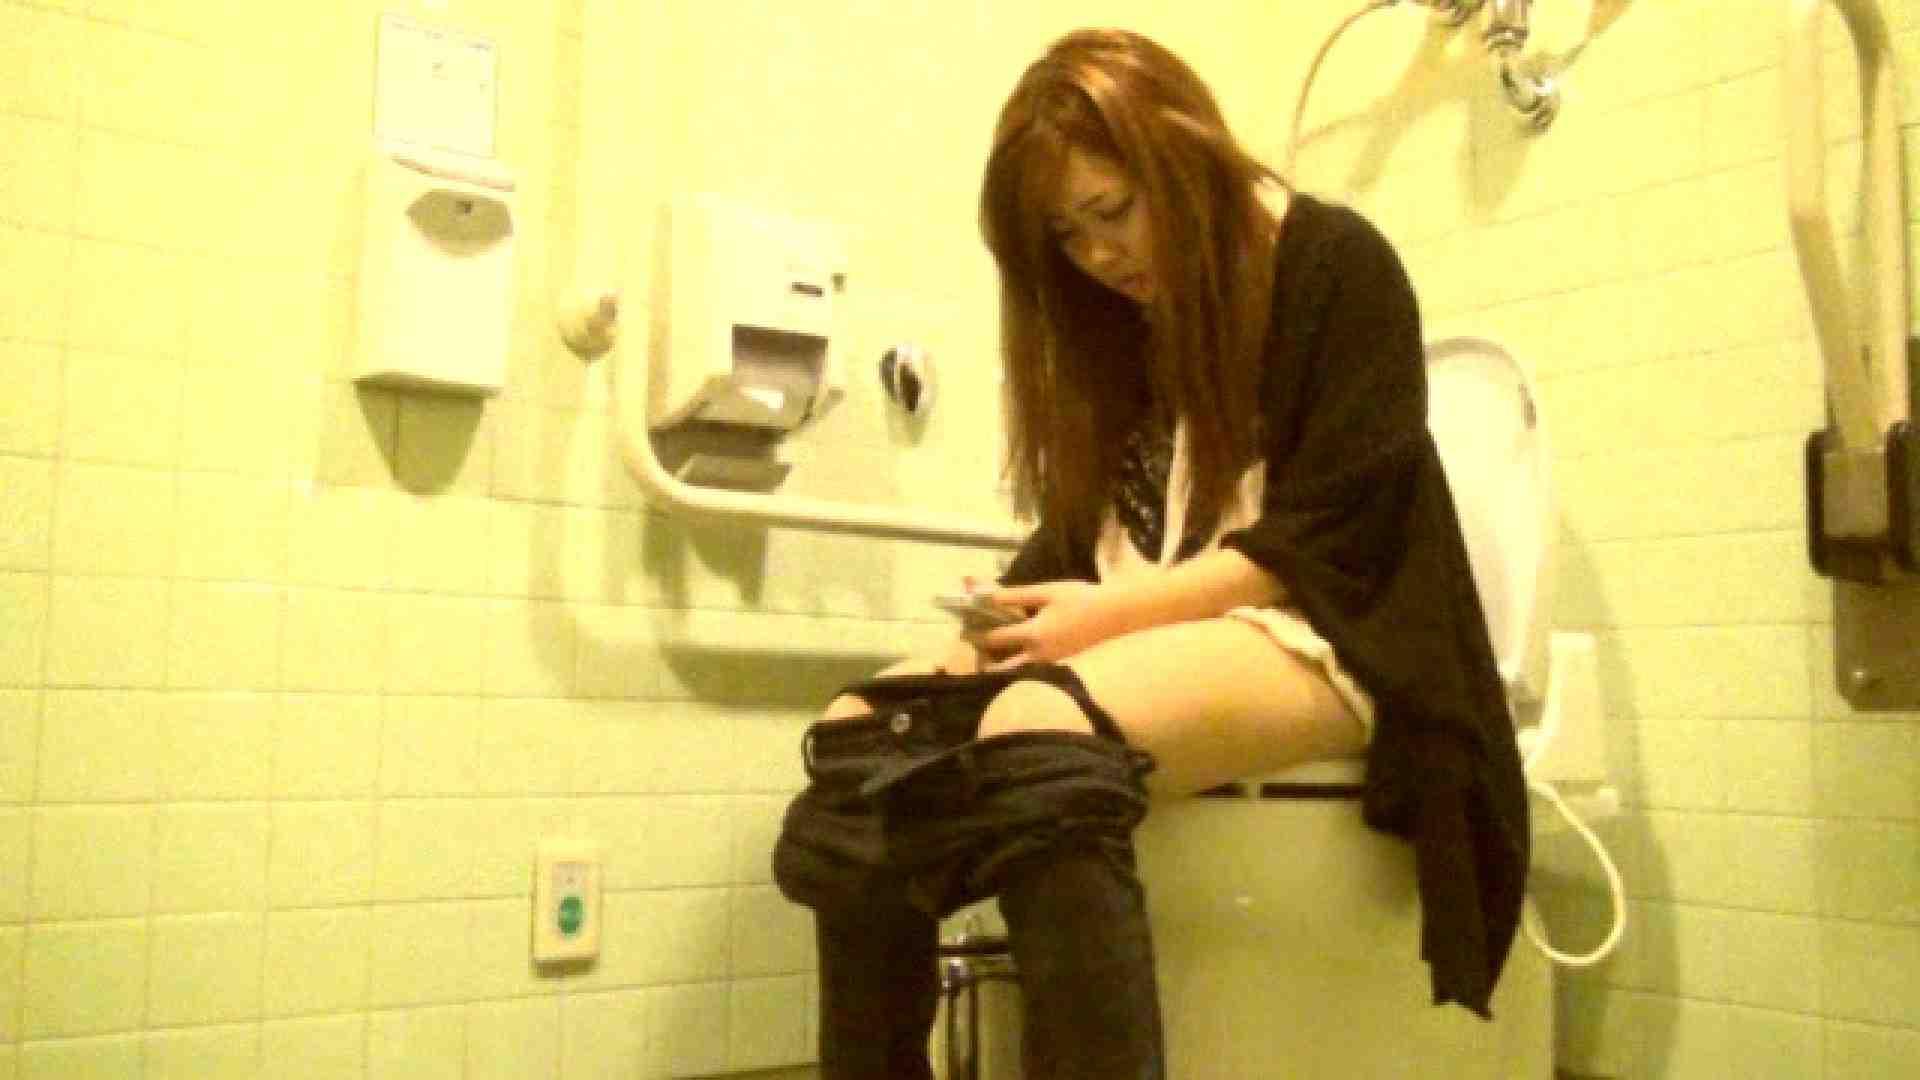 魔術師の お・も・て・な・し vol.26 19歳のバーの店員さんの洗面所をしばし… OLの実態   イタズラ  90pic 31